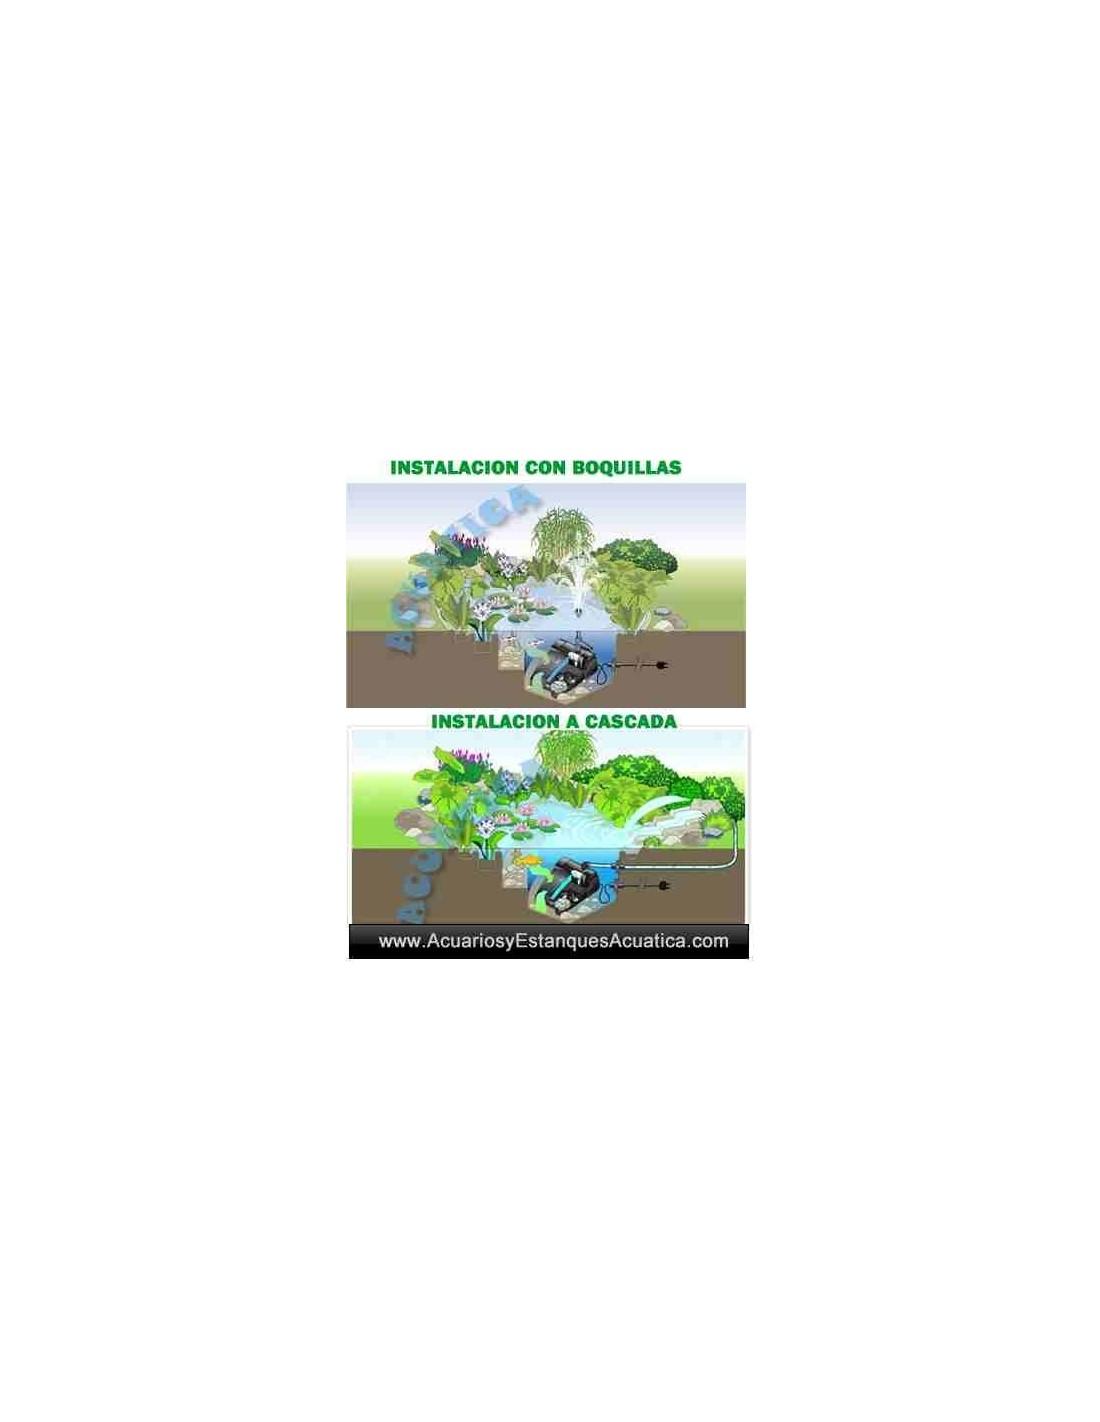 Oase filtral uvc filtro estanques for Estanque 2500 litros